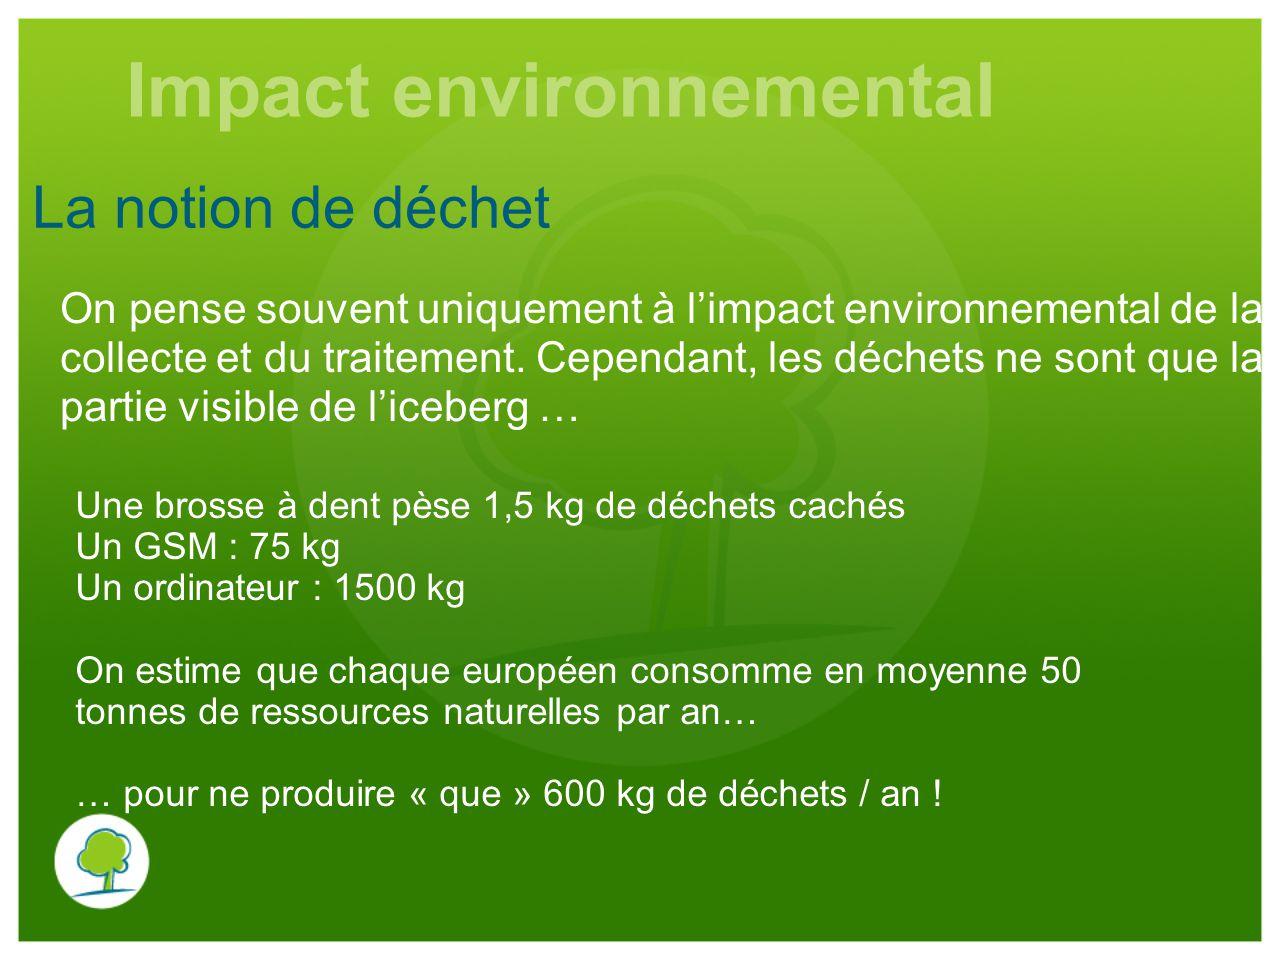 La notion de déchet On pense souvent uniquement à l'impact environnemental de la collecte et du traitement. Cependant, les déchets ne sont que la part